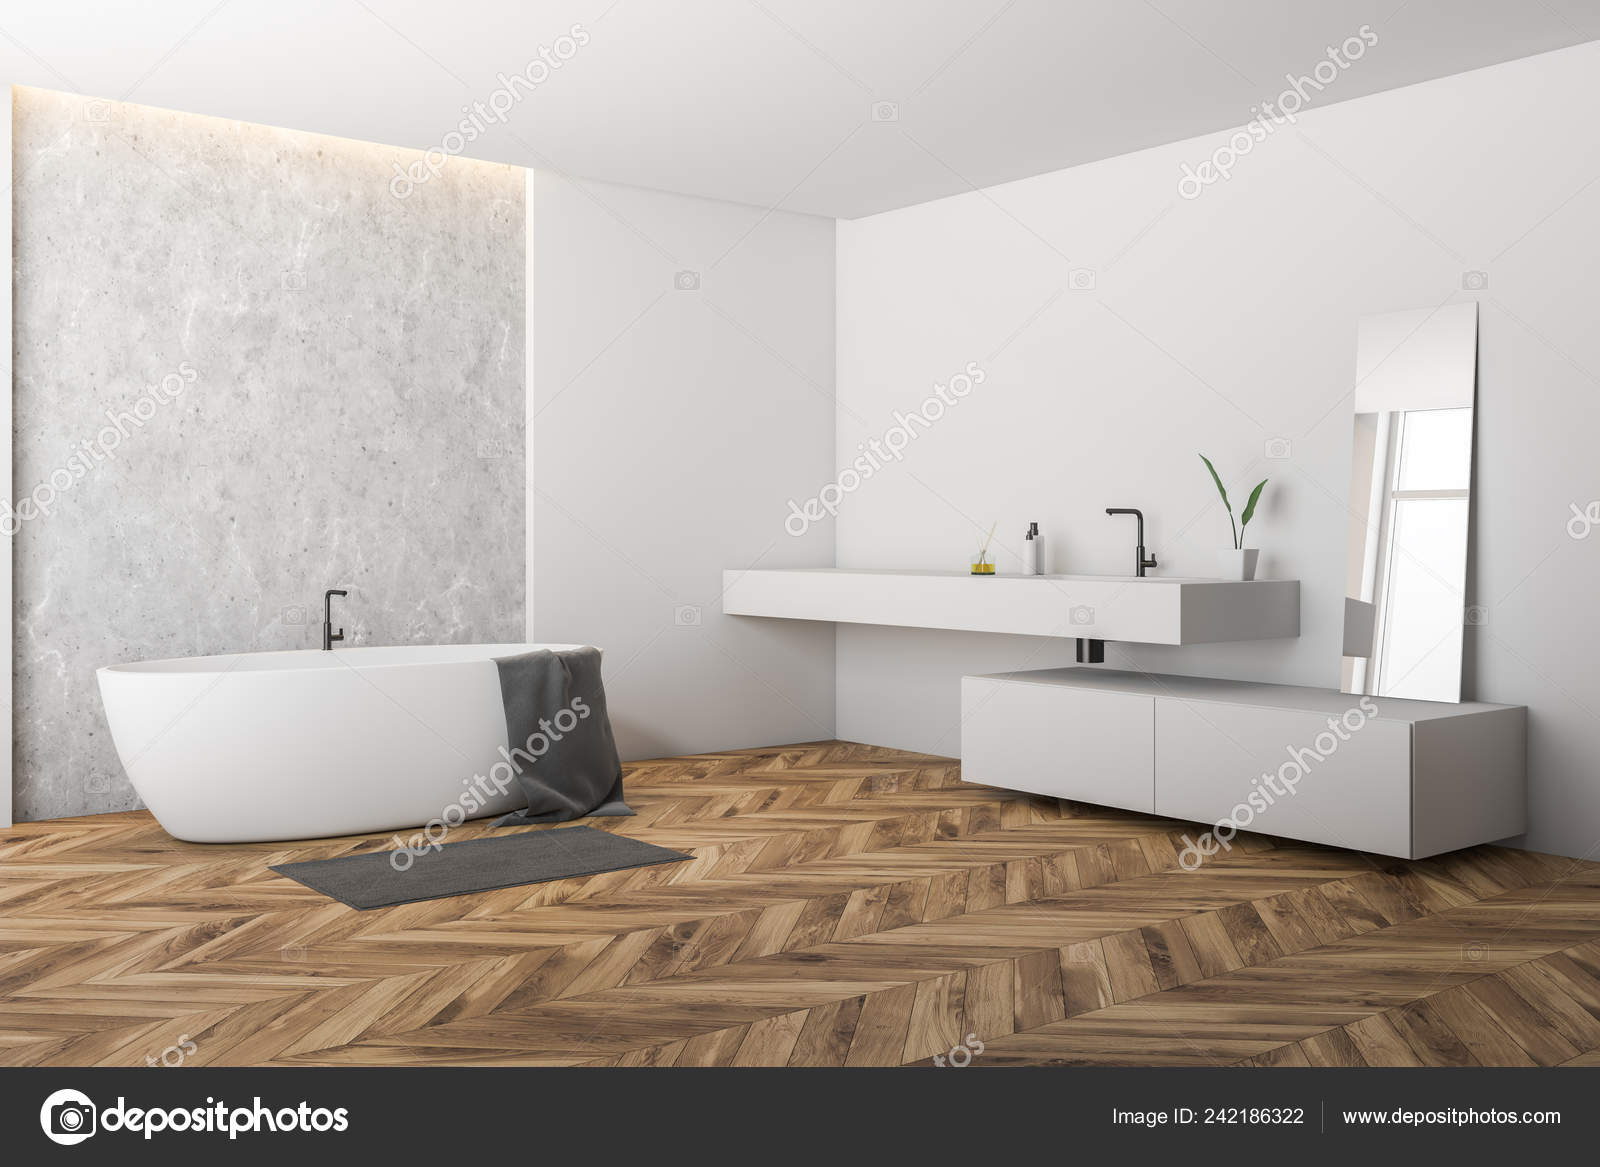 Vasca Da Lavare In Cemento : Angolo della stanza bagno moderna con pareti bianche cemento